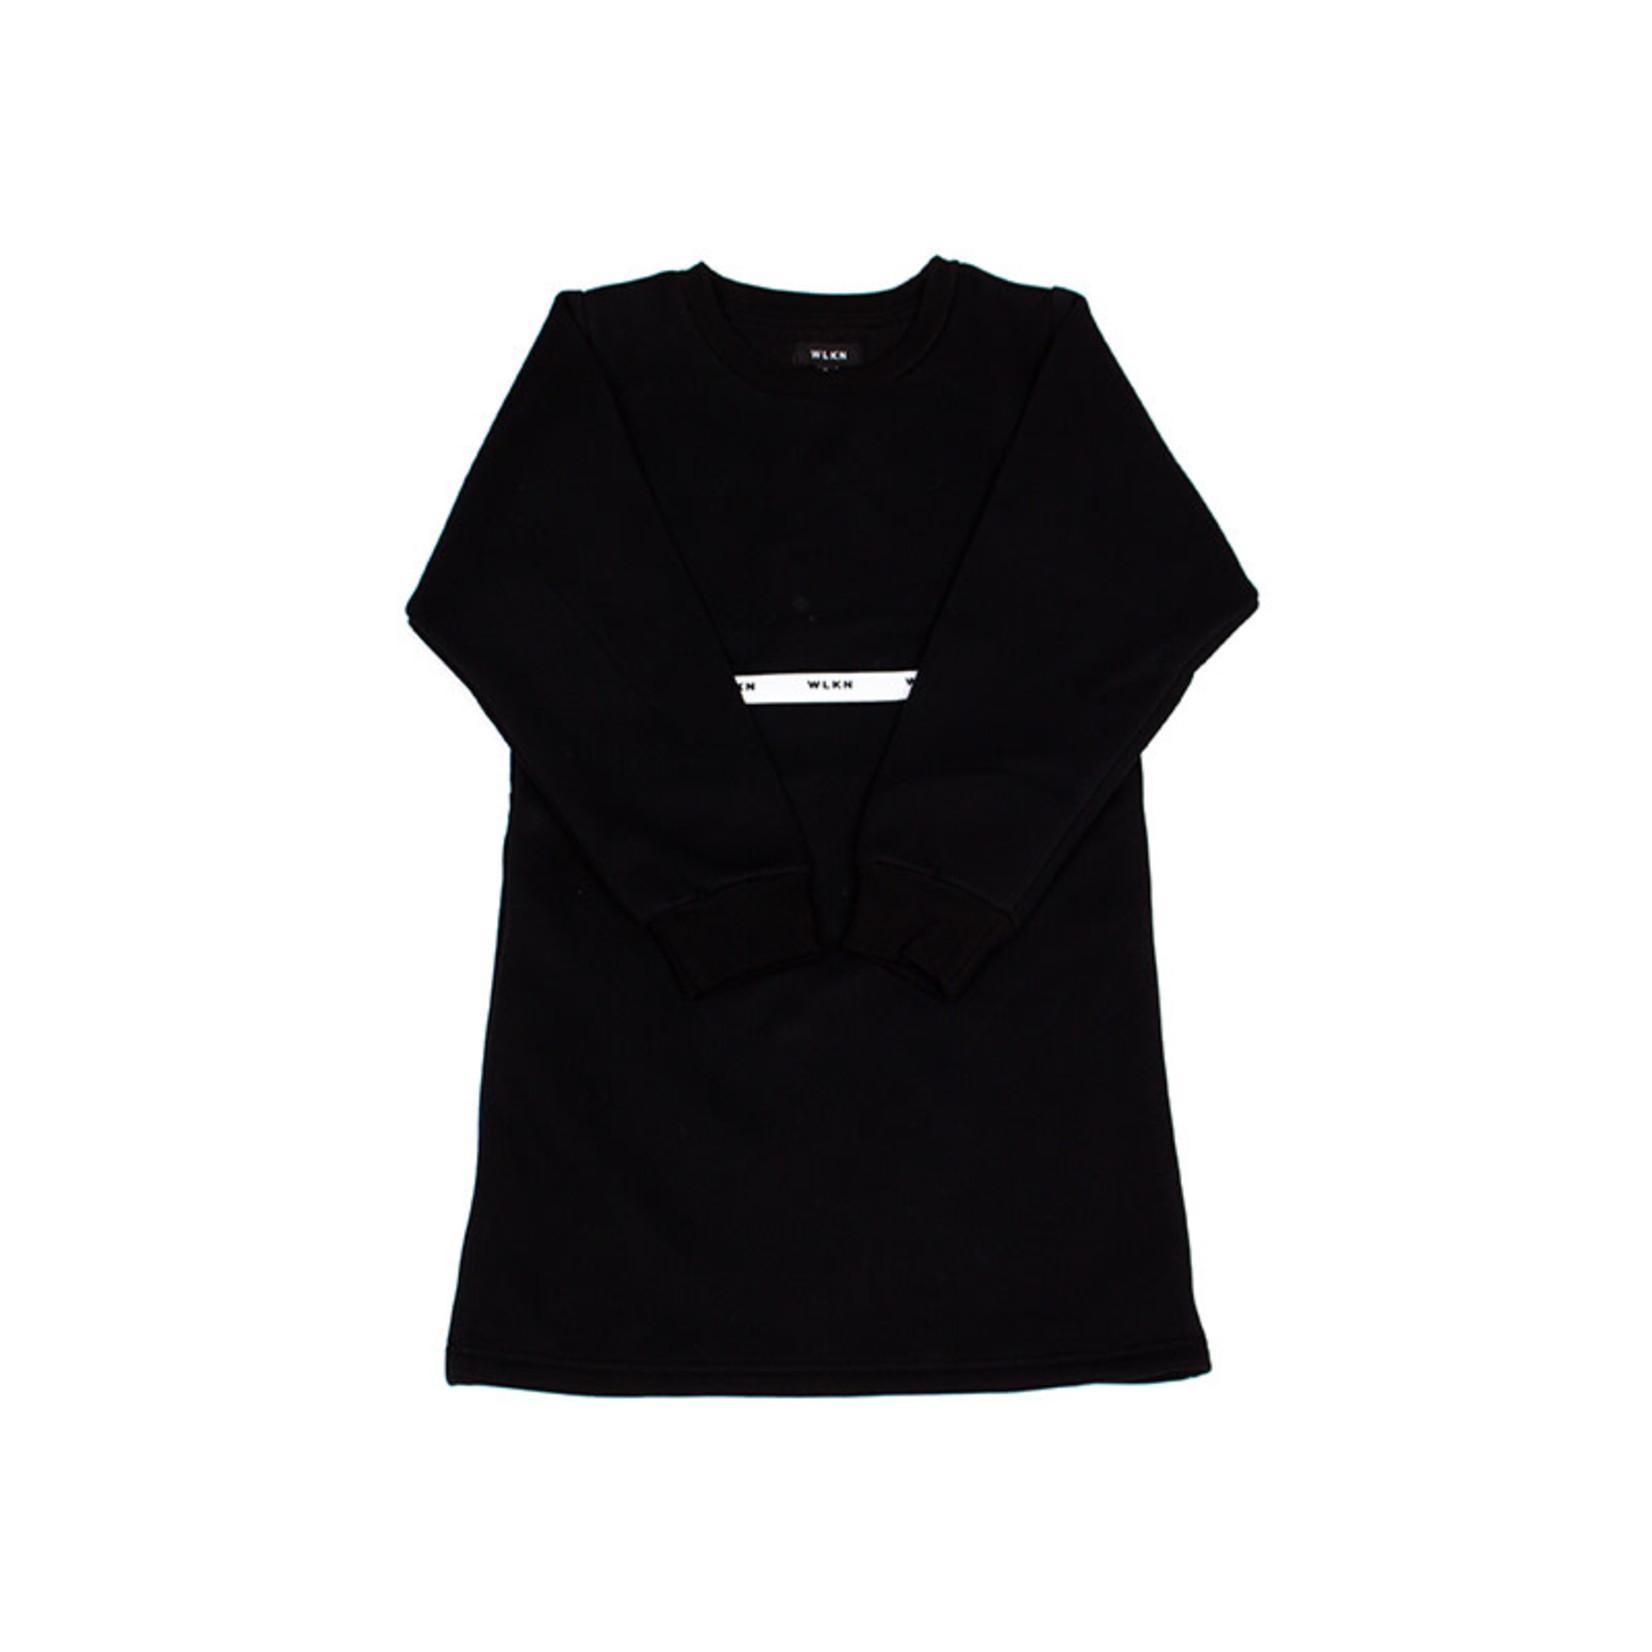 WLKN WLKN : Junior Chiara Dress